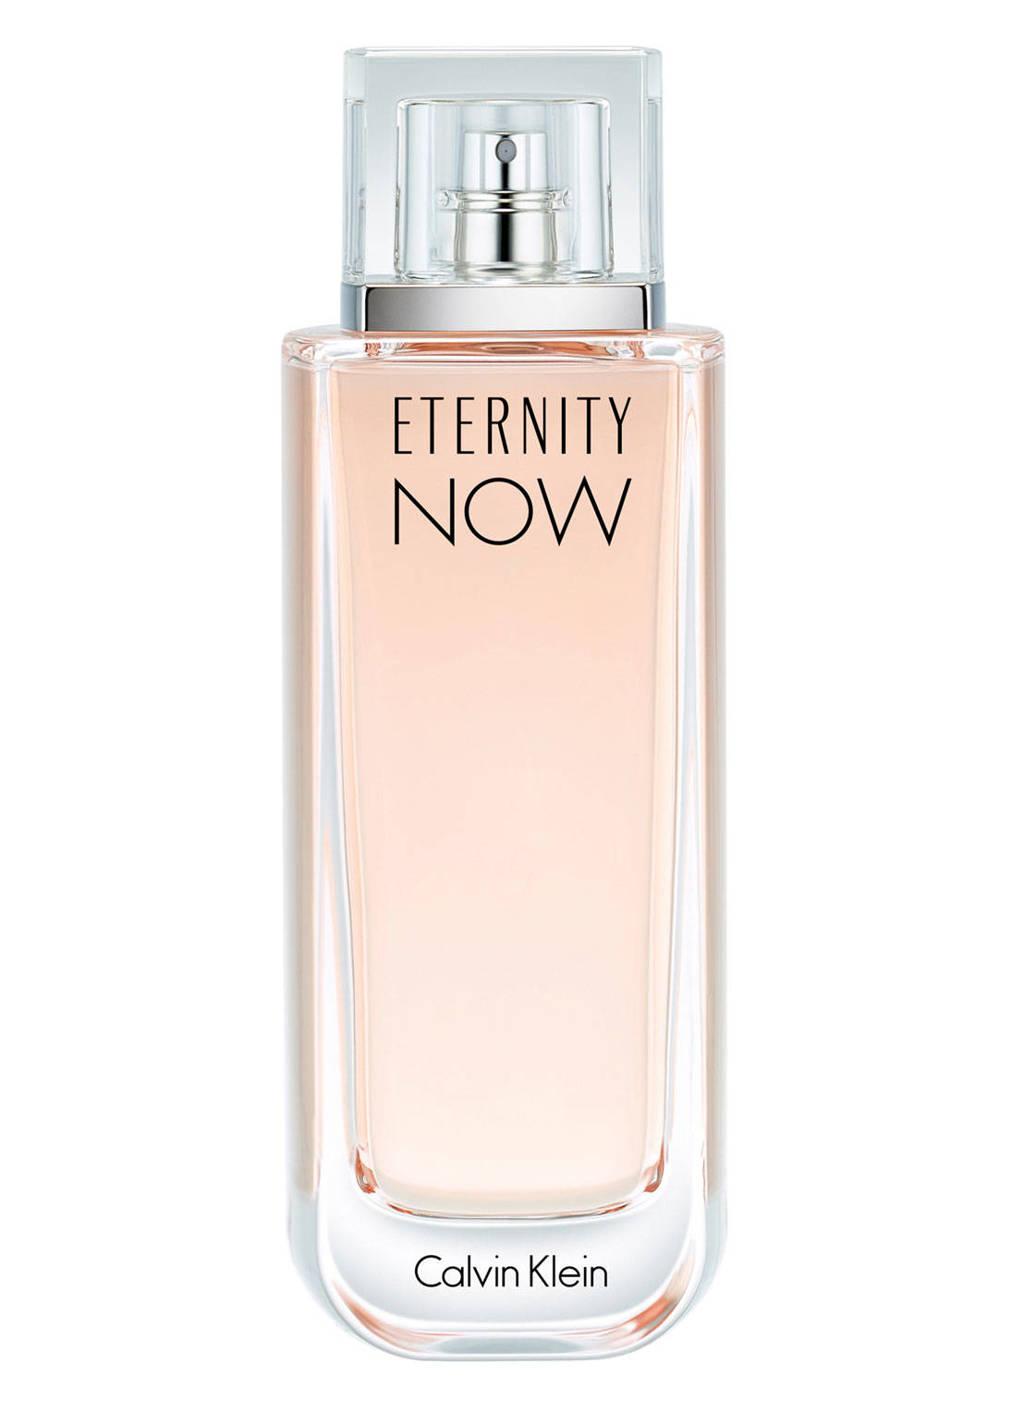 Calvin Klein Eternity Now eau de parfum - 100 ml